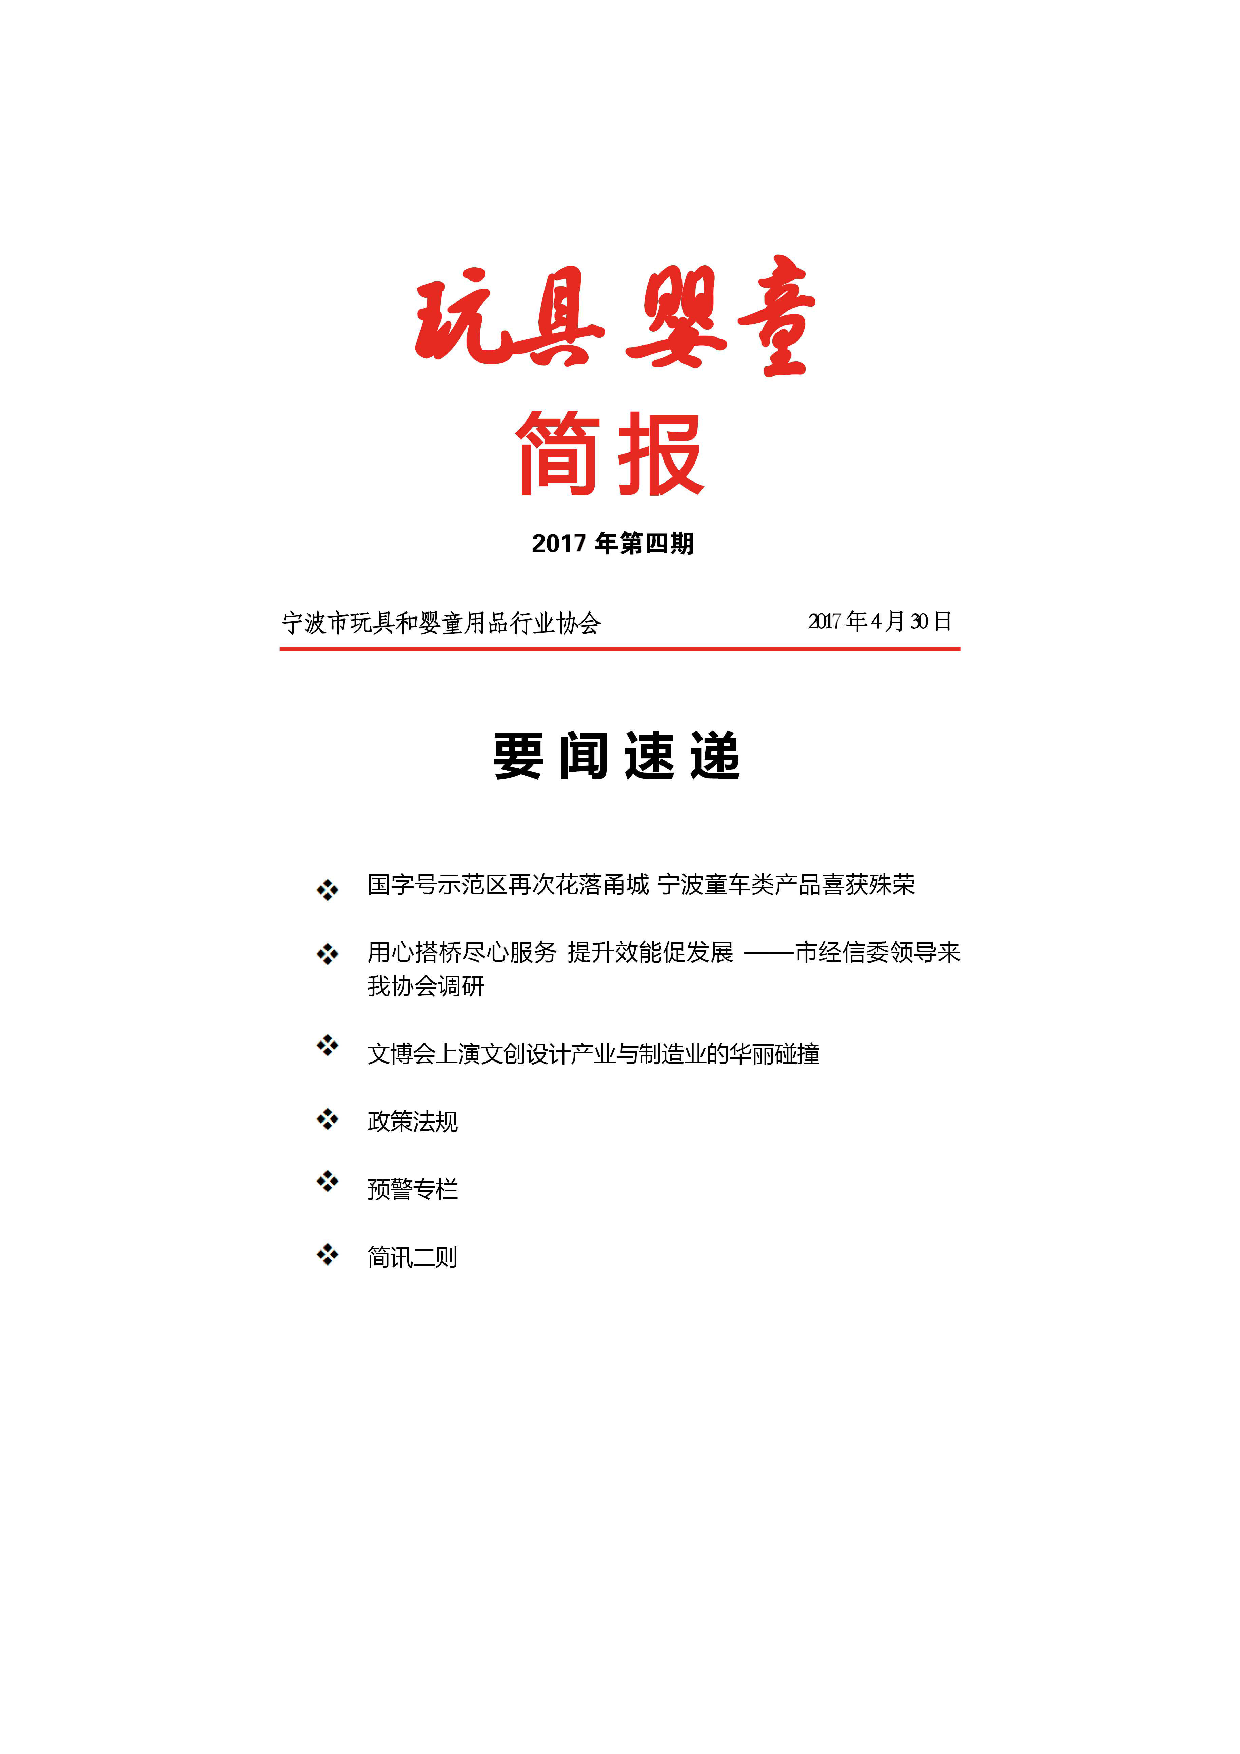 2017年简报第四期